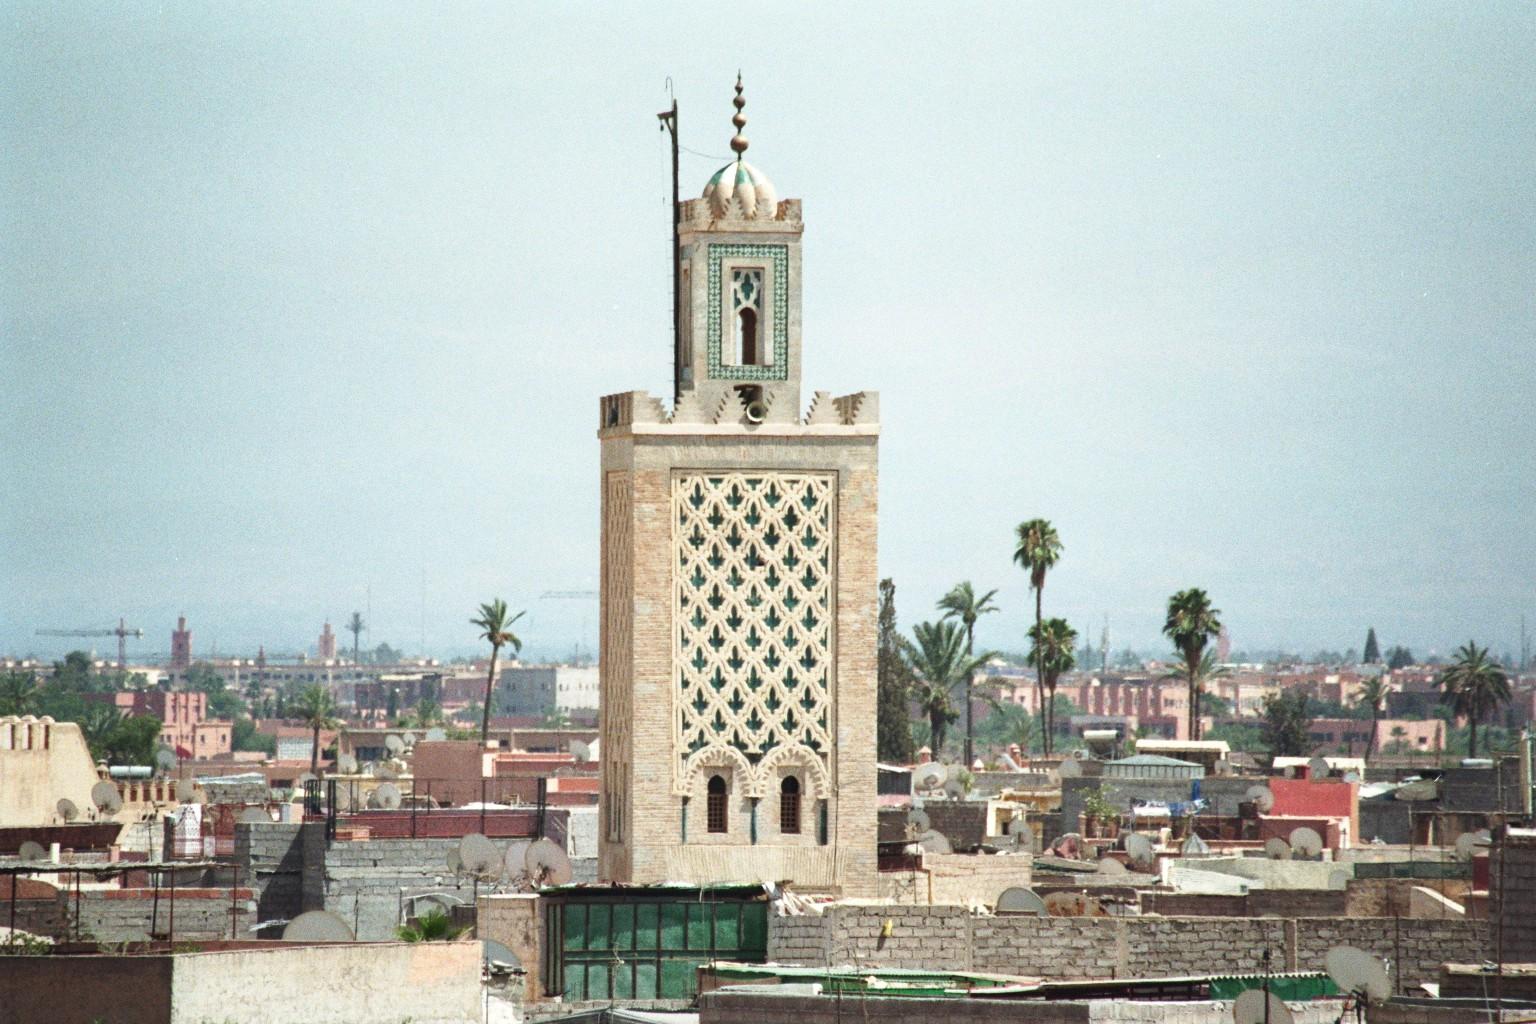 Minarett in Marrakesch vom Maison De La Photographie fotografiert